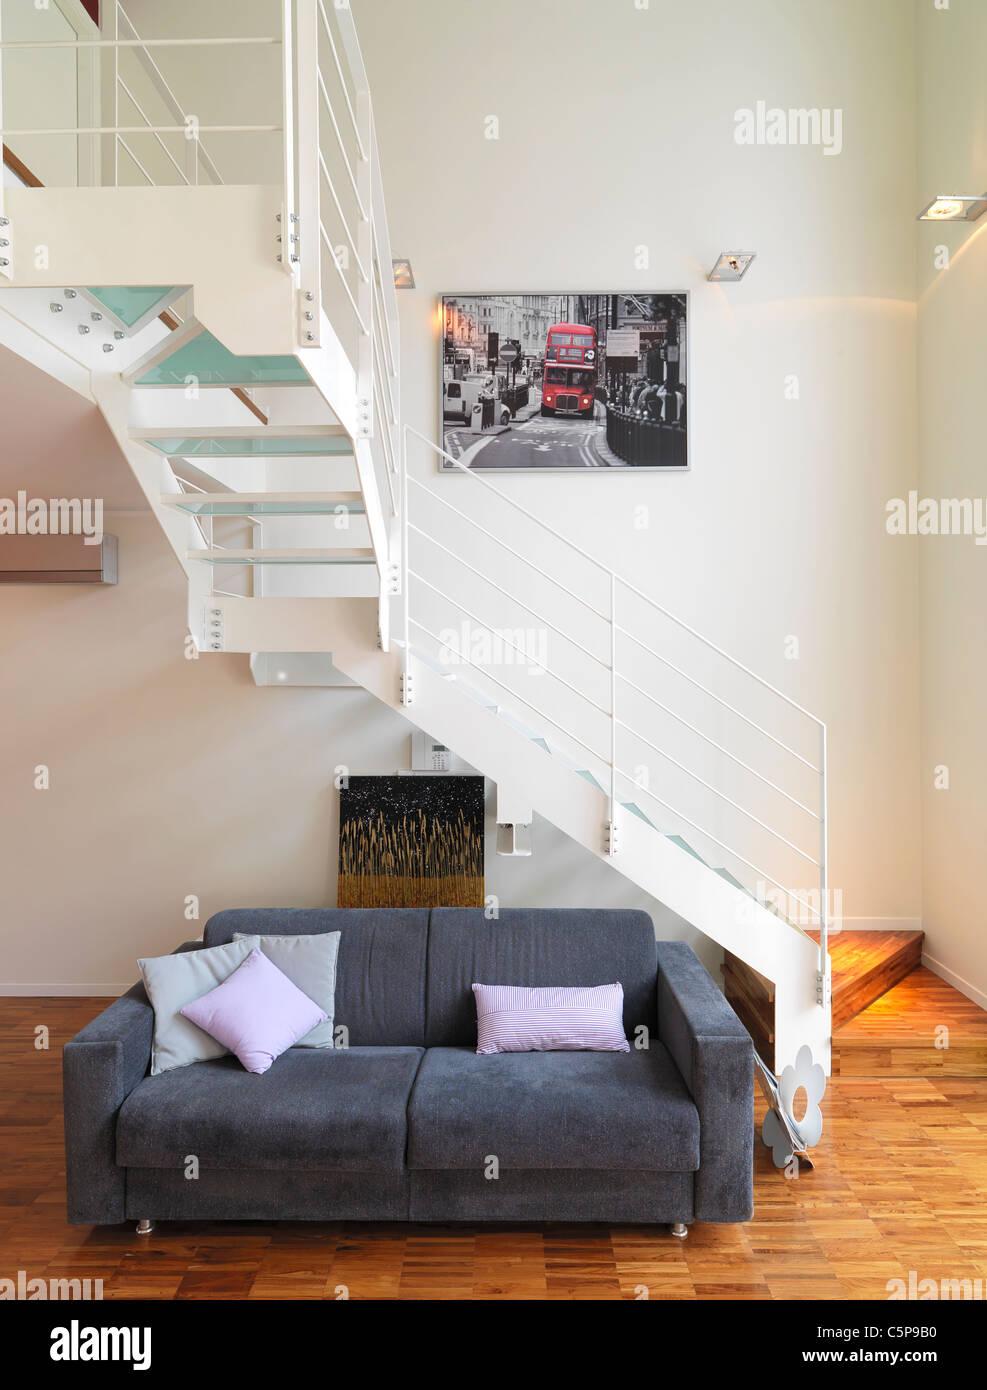 graue Sofa in der Nähe eine Treppe mit Holzboden im Wohnzimmer Stockbild